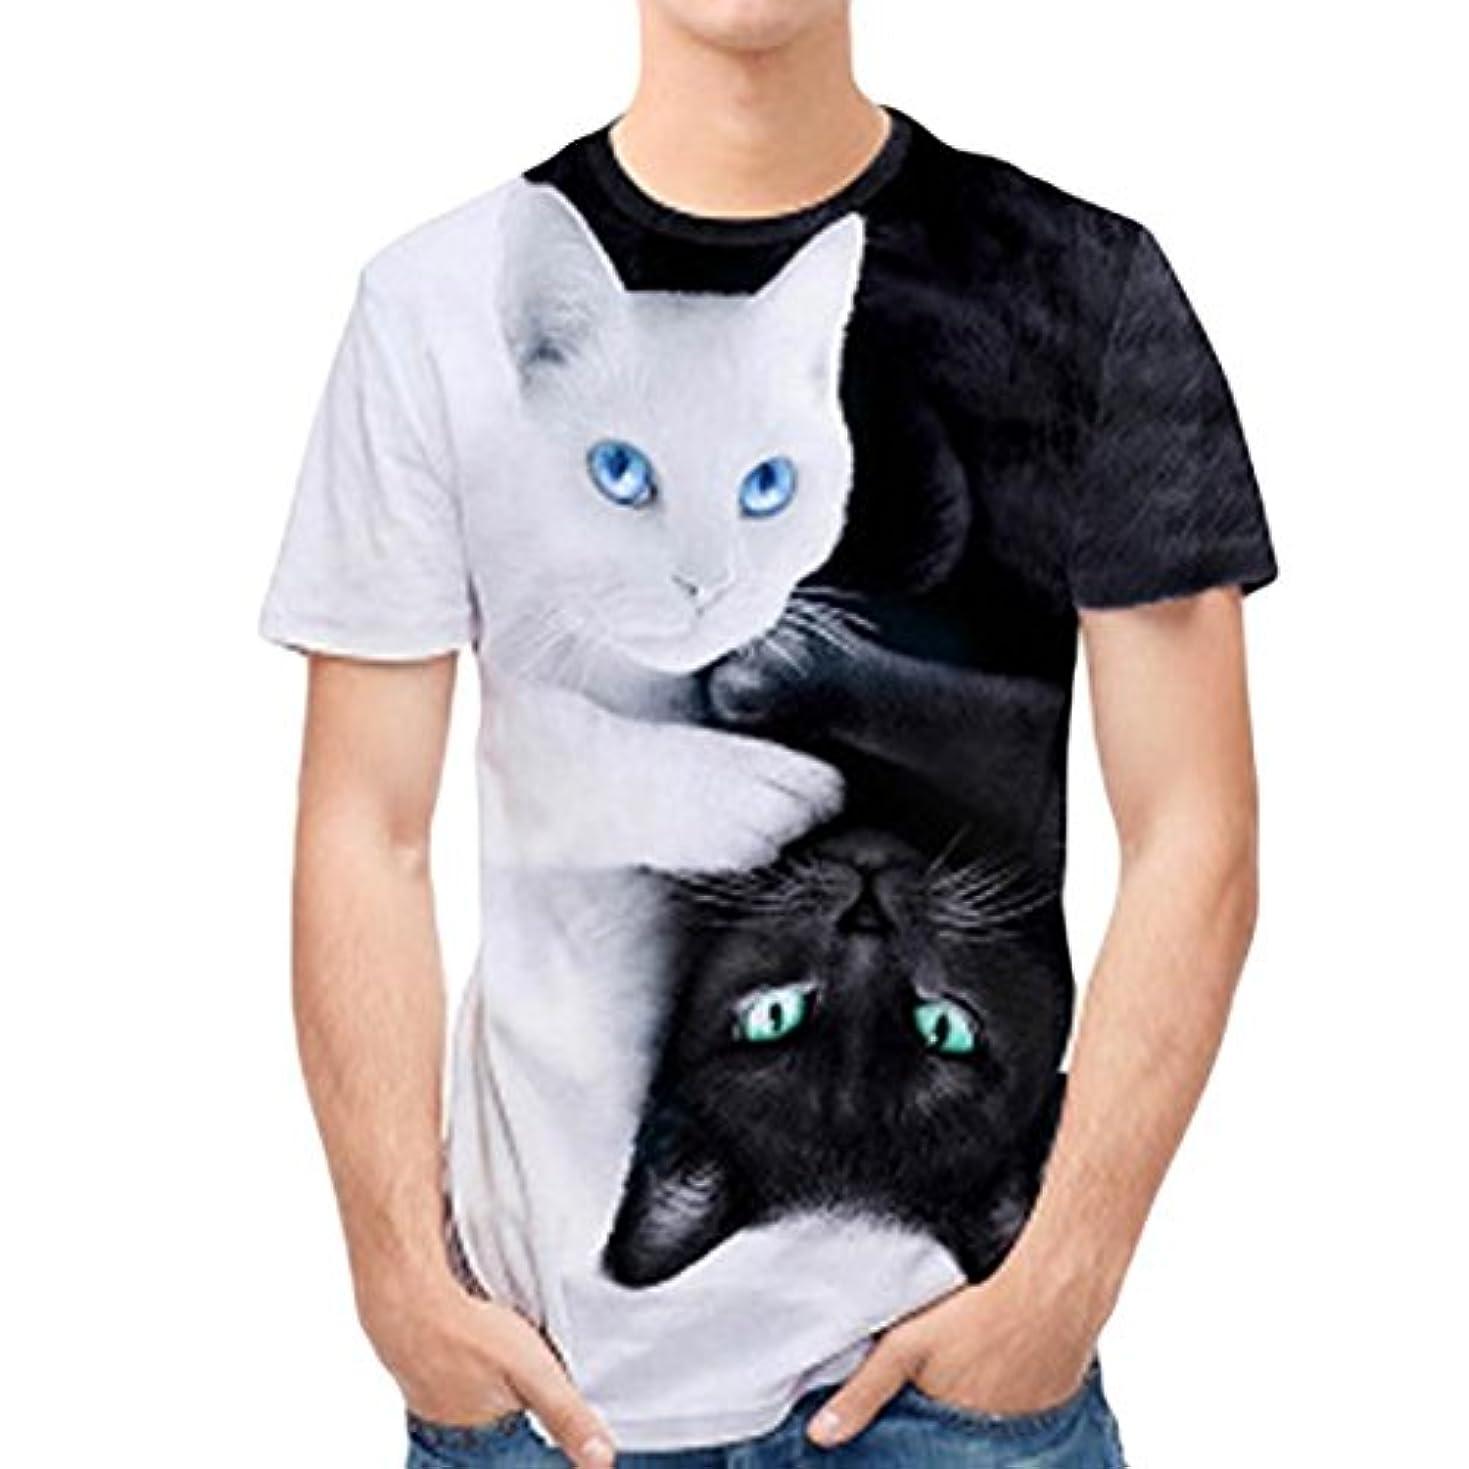 空港振る接地Hanaturu(ハナツル) メンズ 半袖 Tシャツ 3Dプリント 狼柄 ストリート ダンス用 旅行 部活 友達お揃い 格好いい プレゼント M-2XL